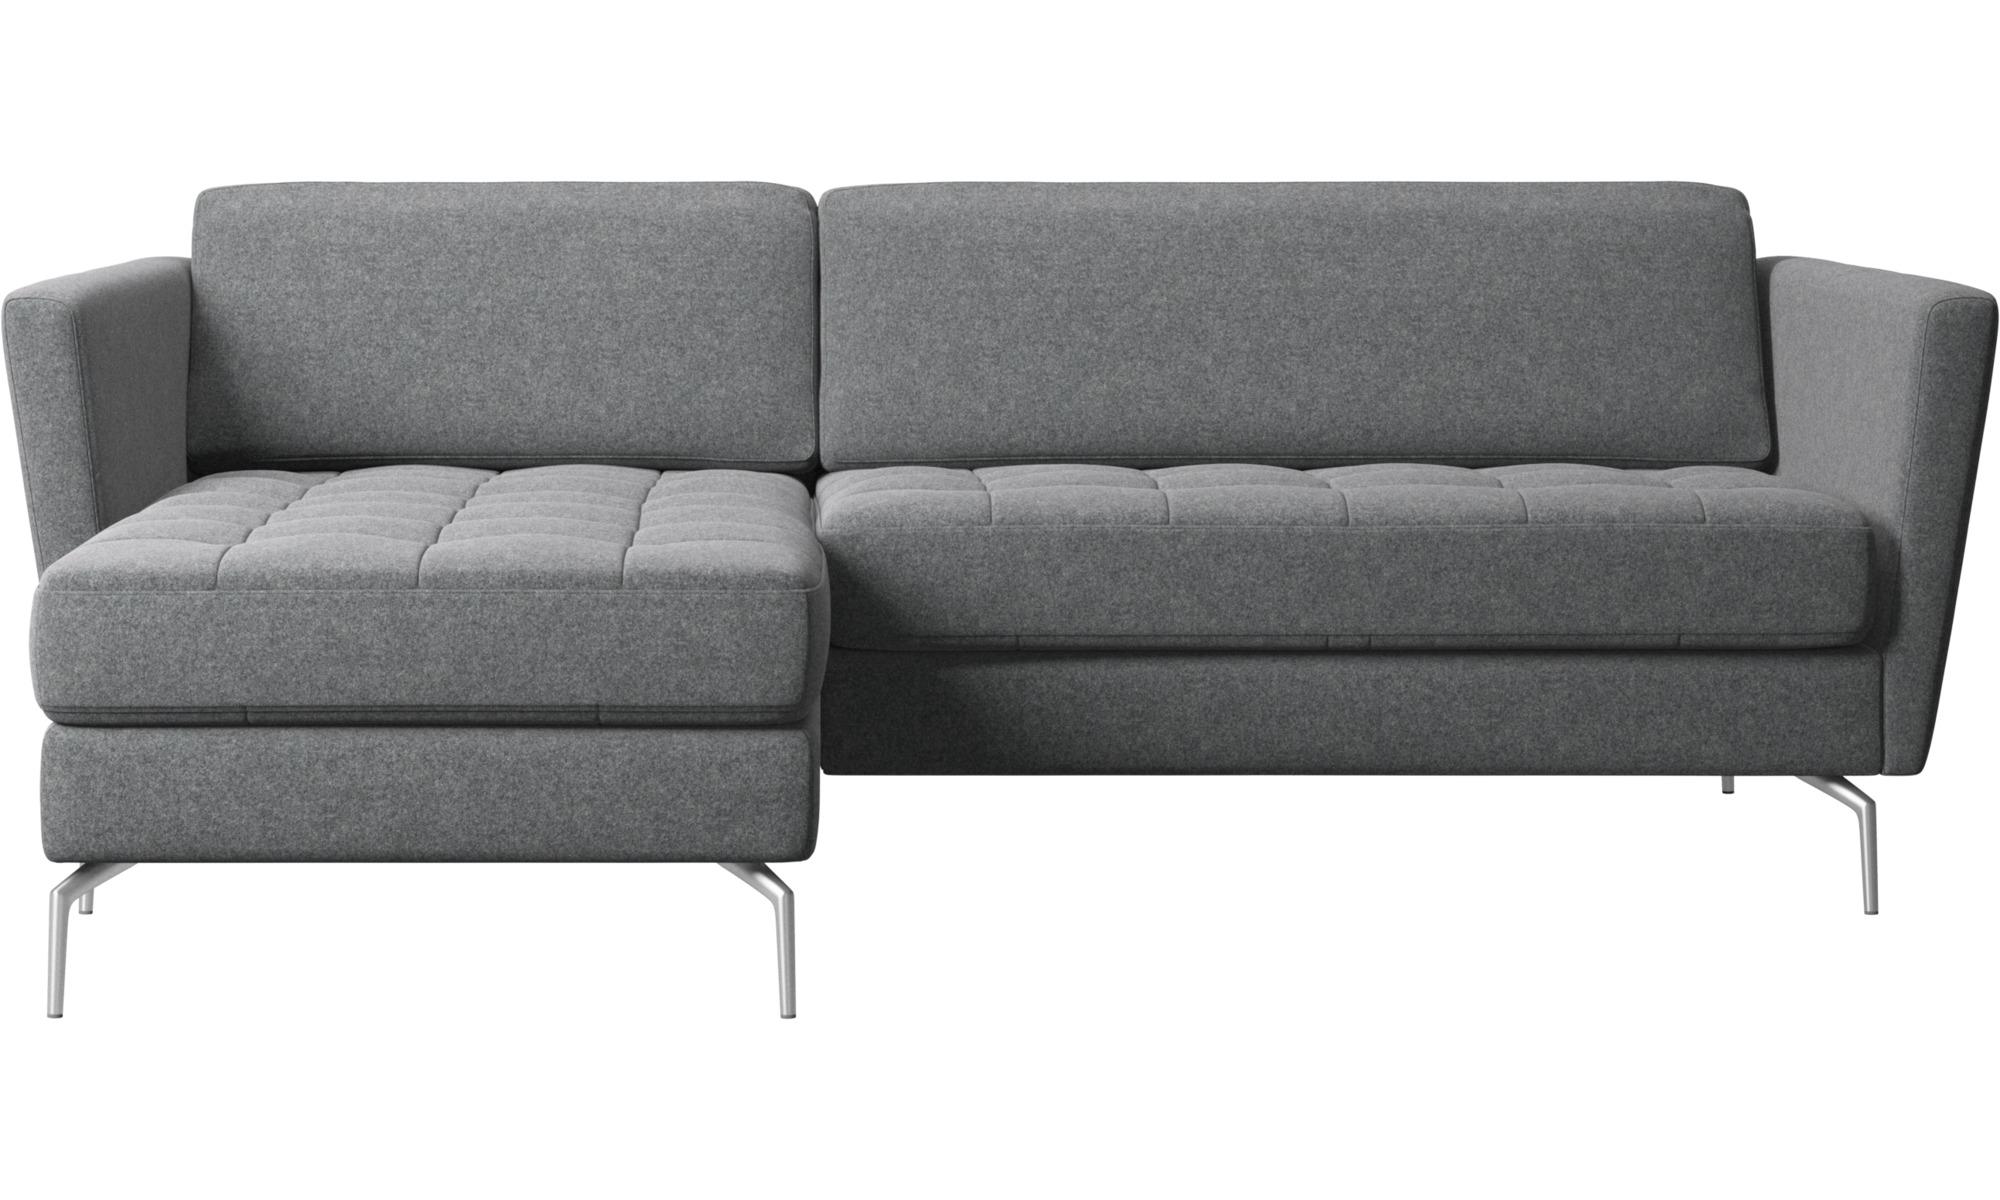 Komplett guide til valg og kjøp av sofa | Inpirasjon